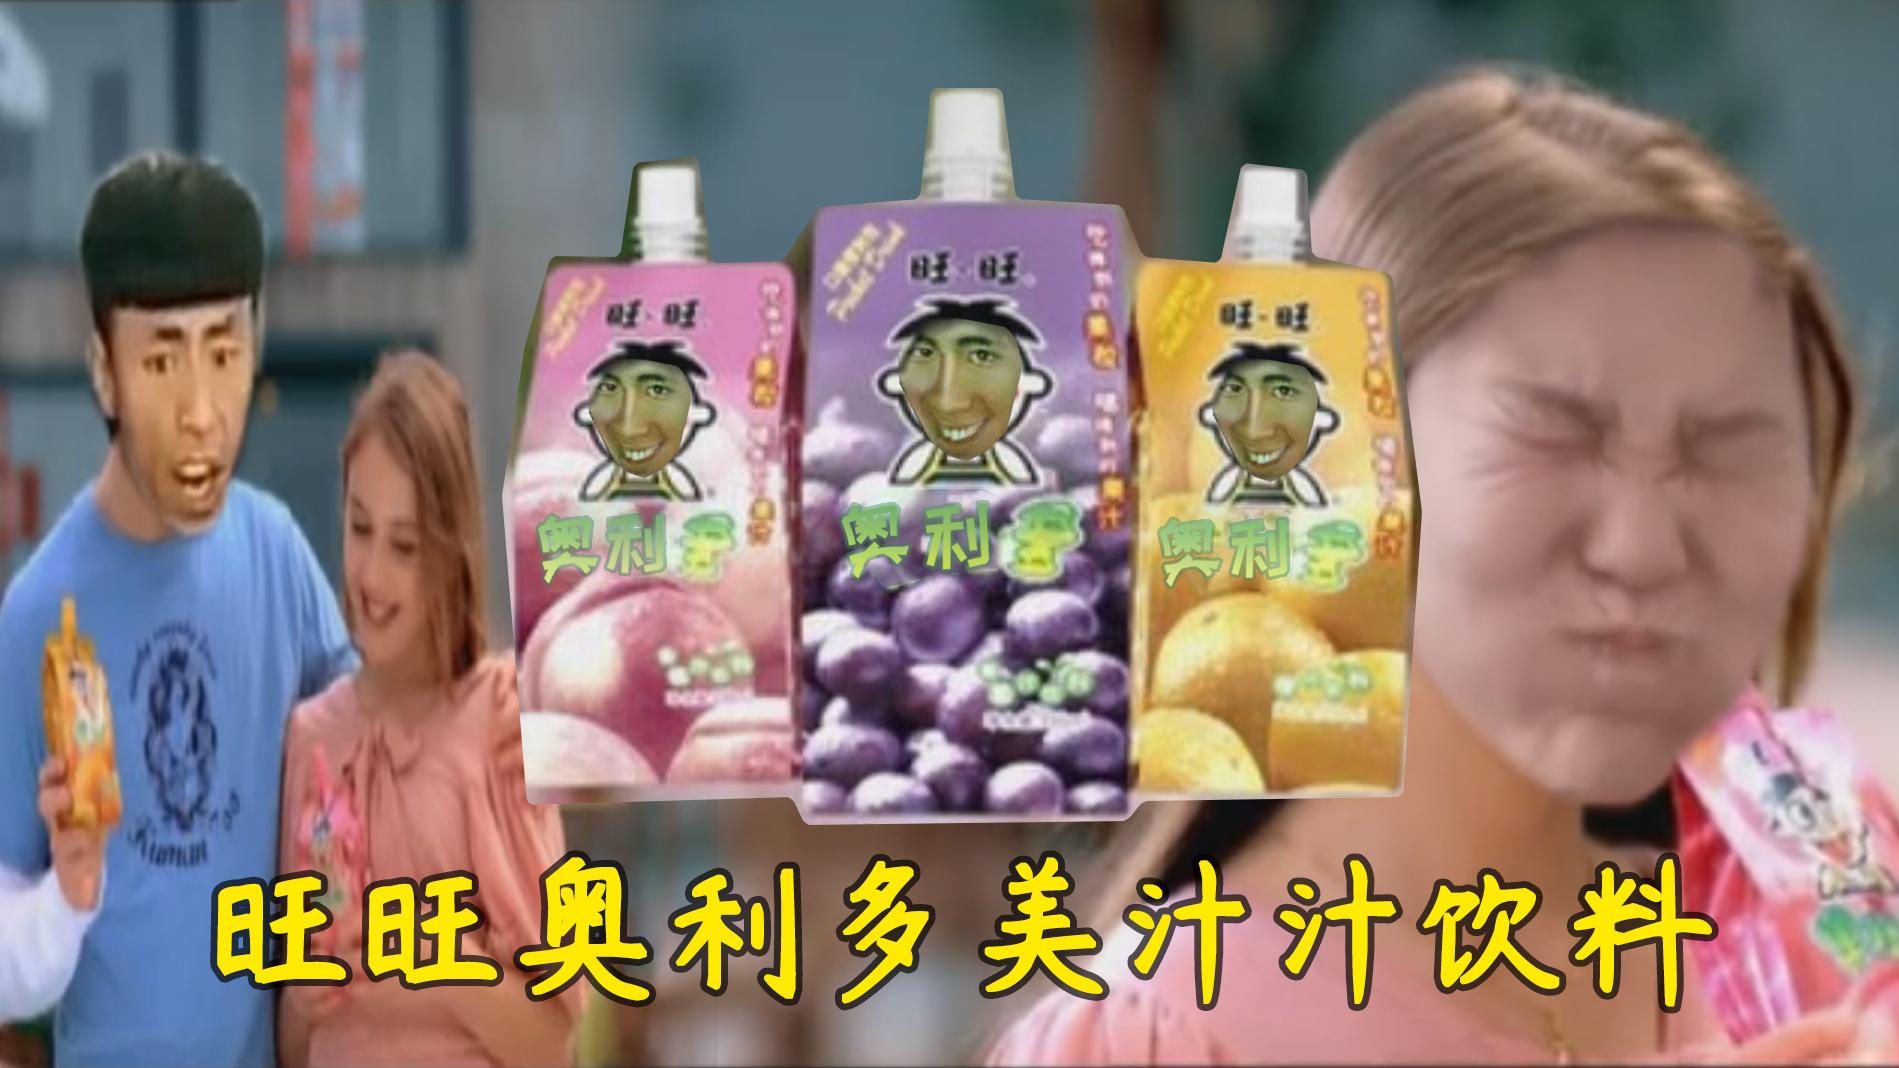 【老八代言】旺旺奥利多美汁汁饮料